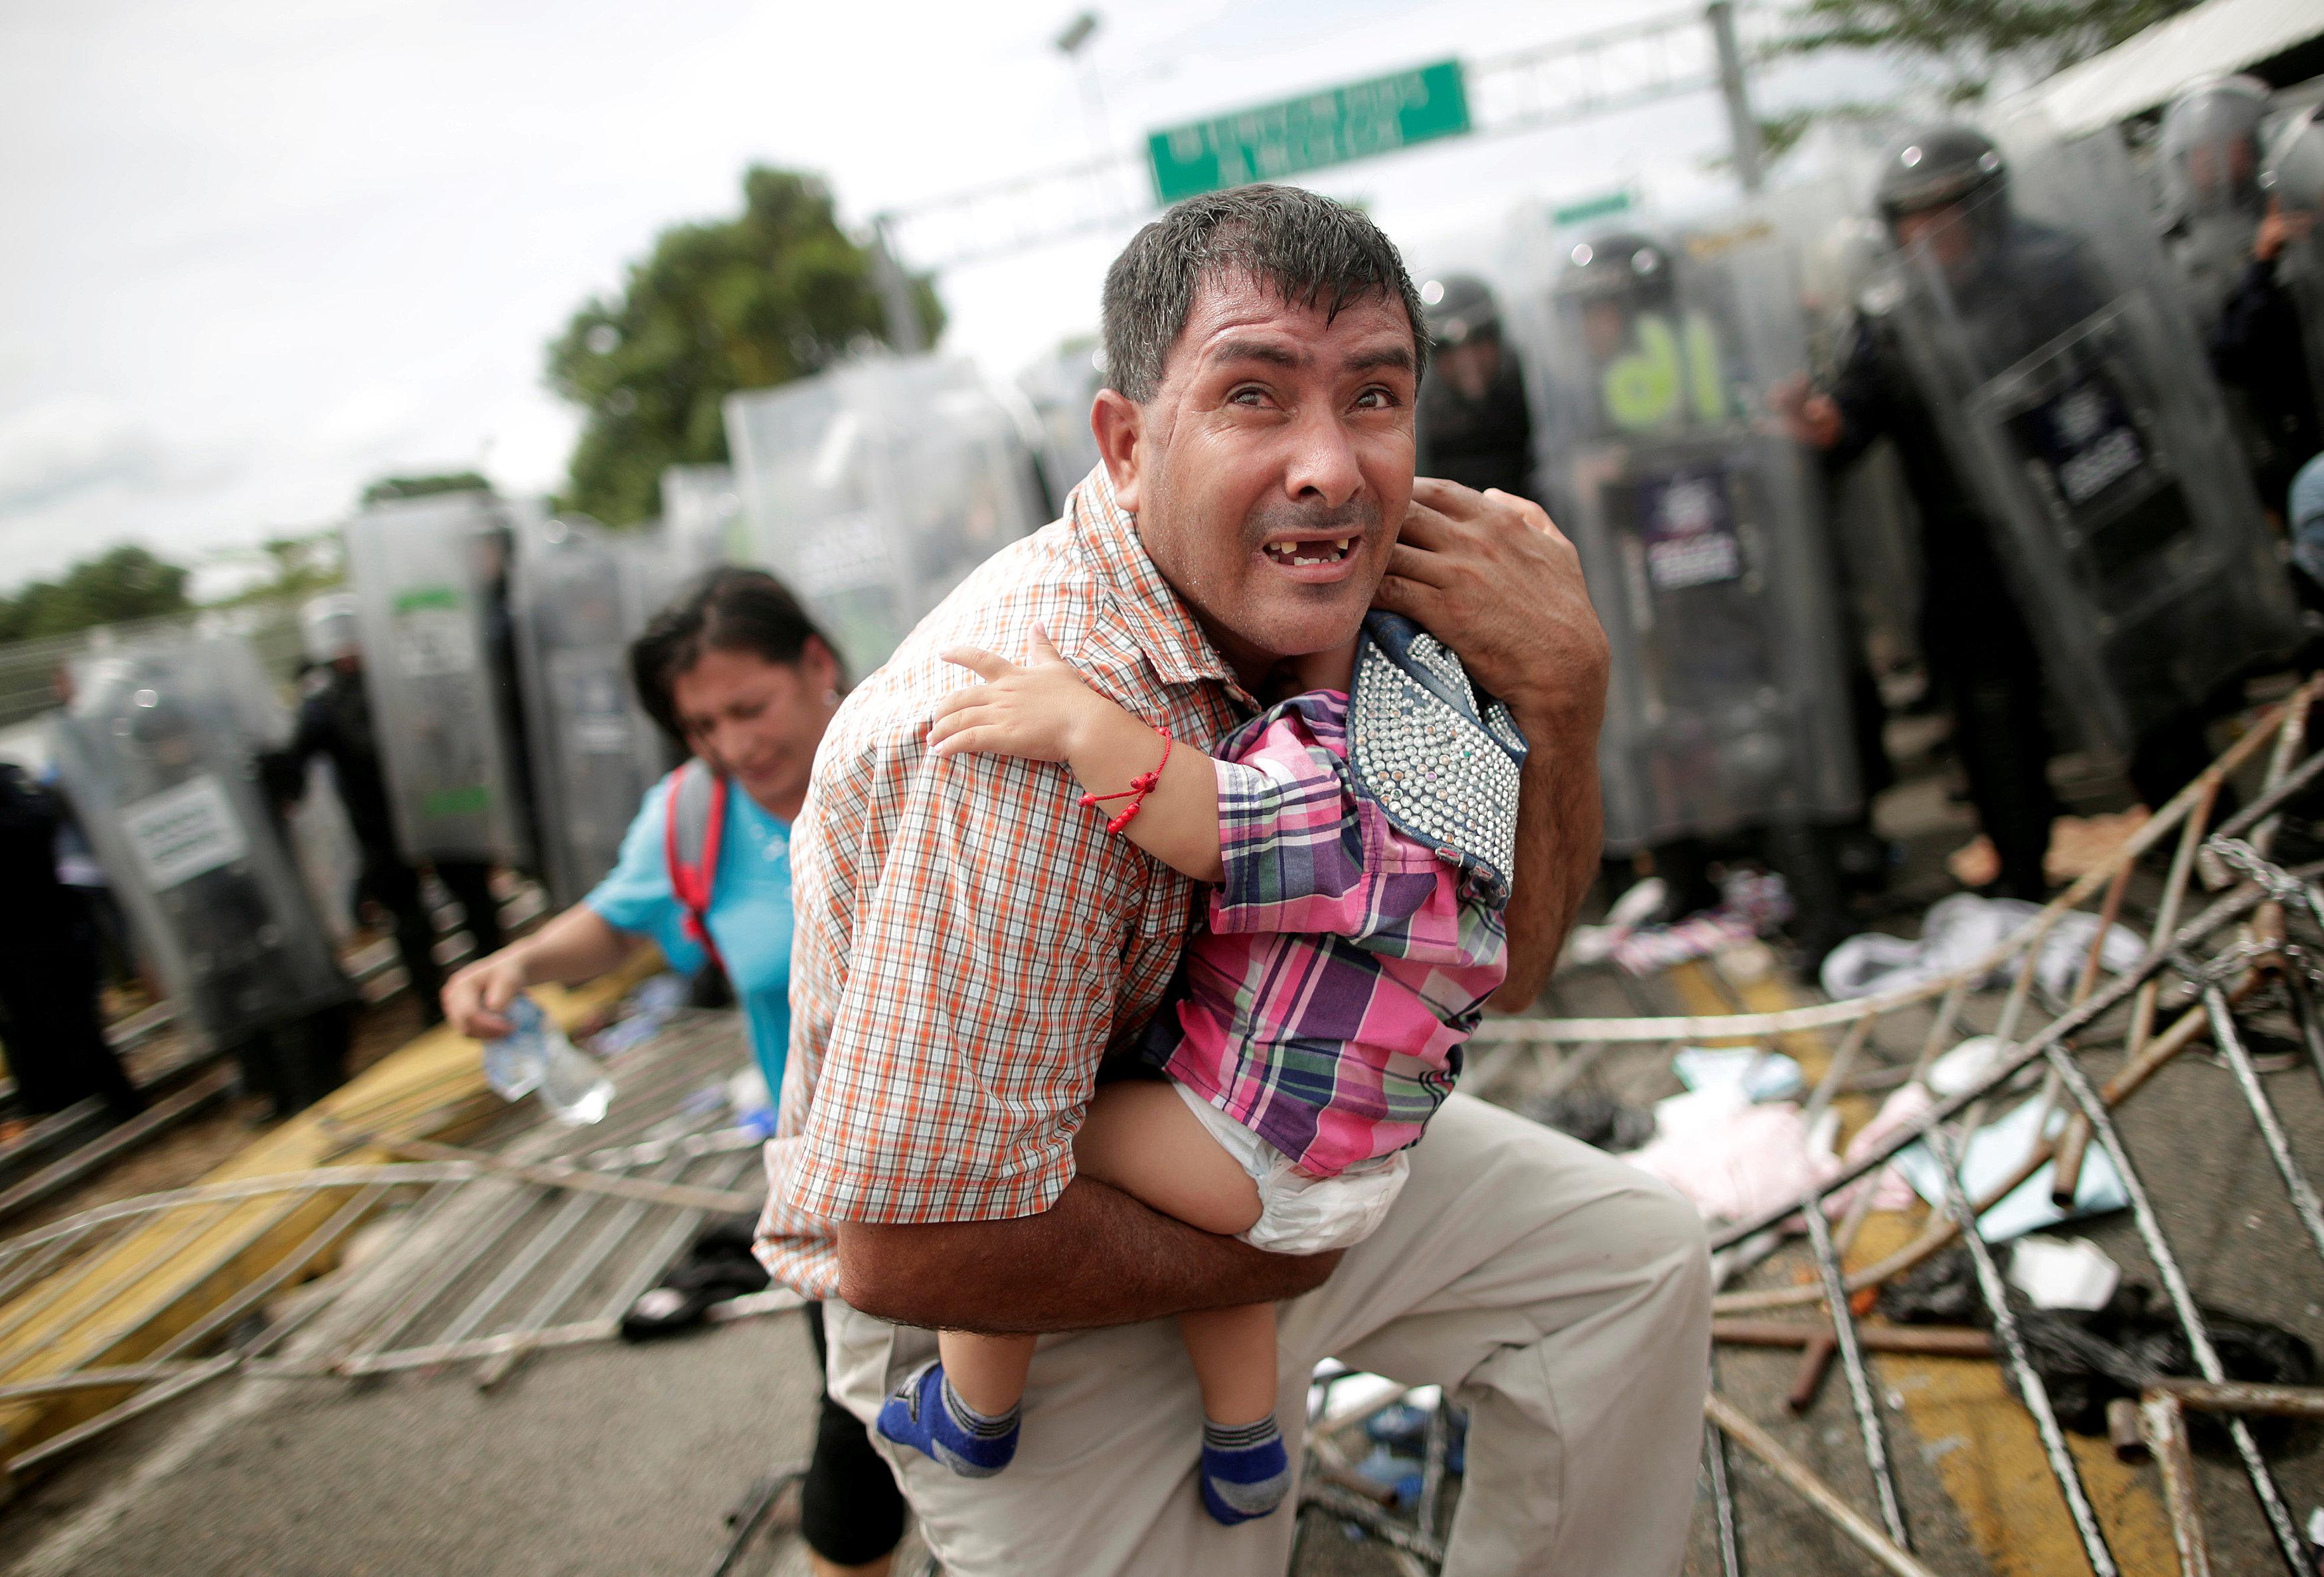 Un migrante hondureño protege a un bebé. (REUTERS/Ueslei Marcelino)